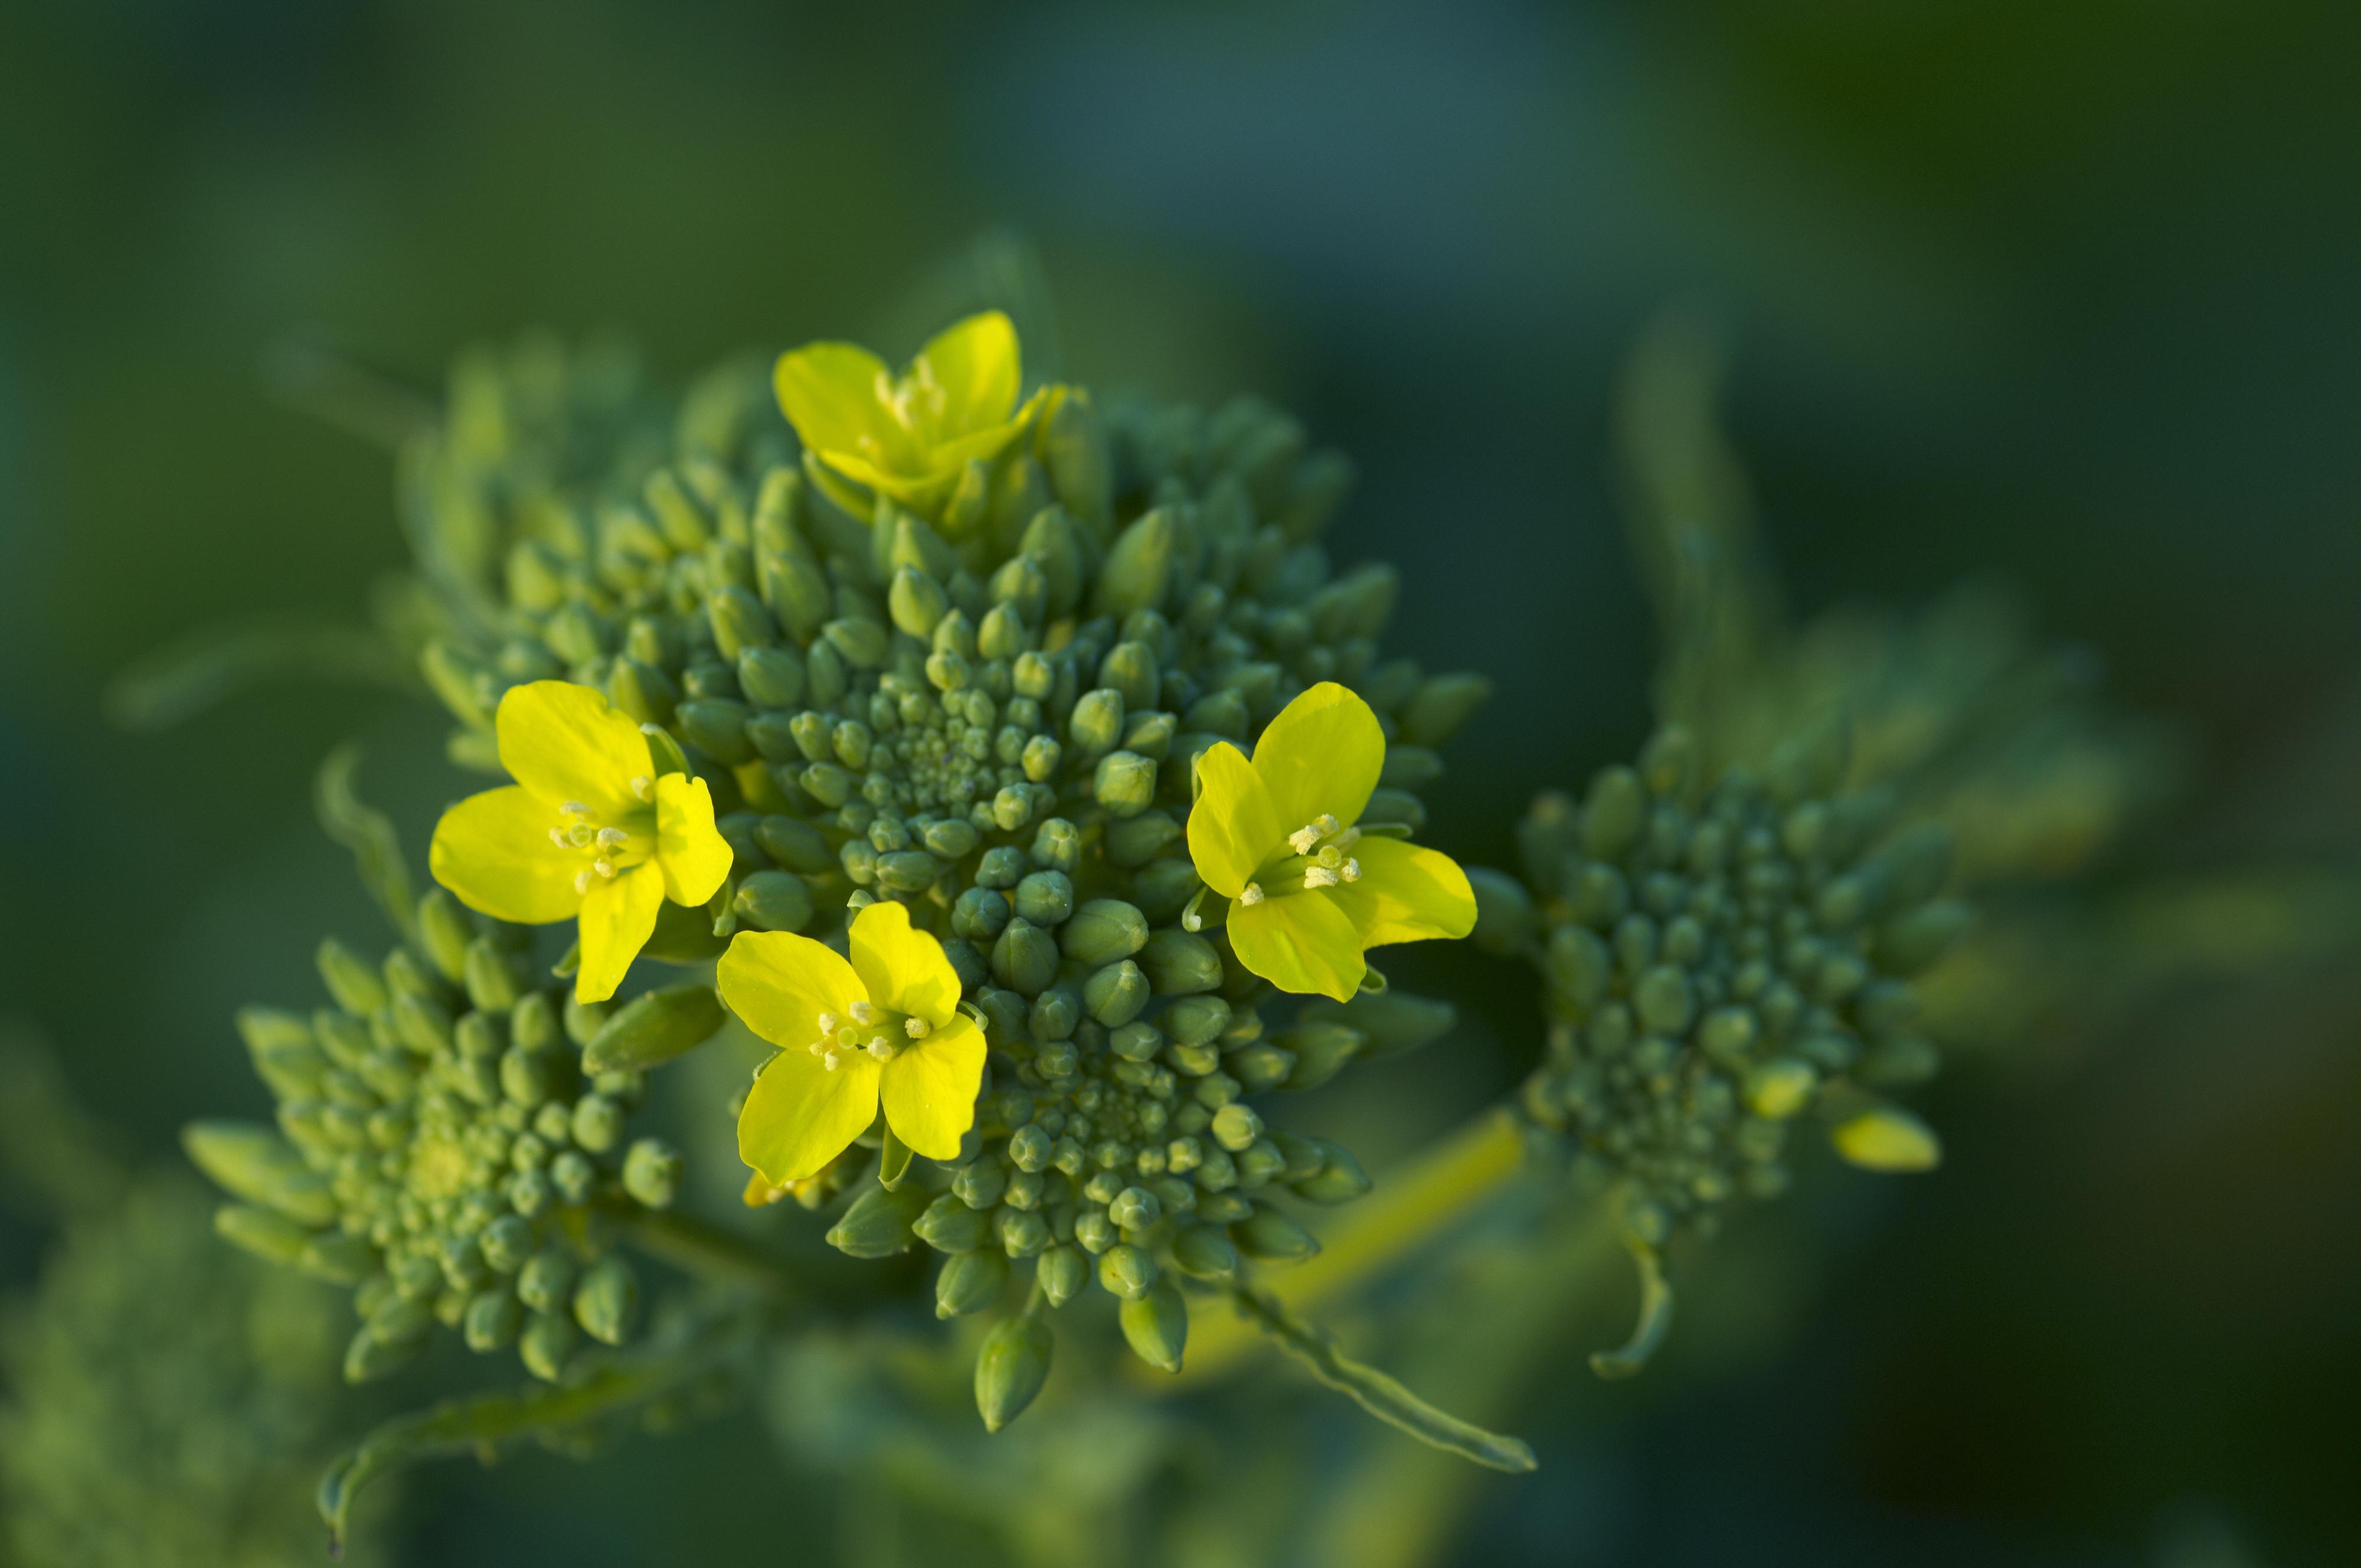 Podzimní hnojení řepky ozimé  image